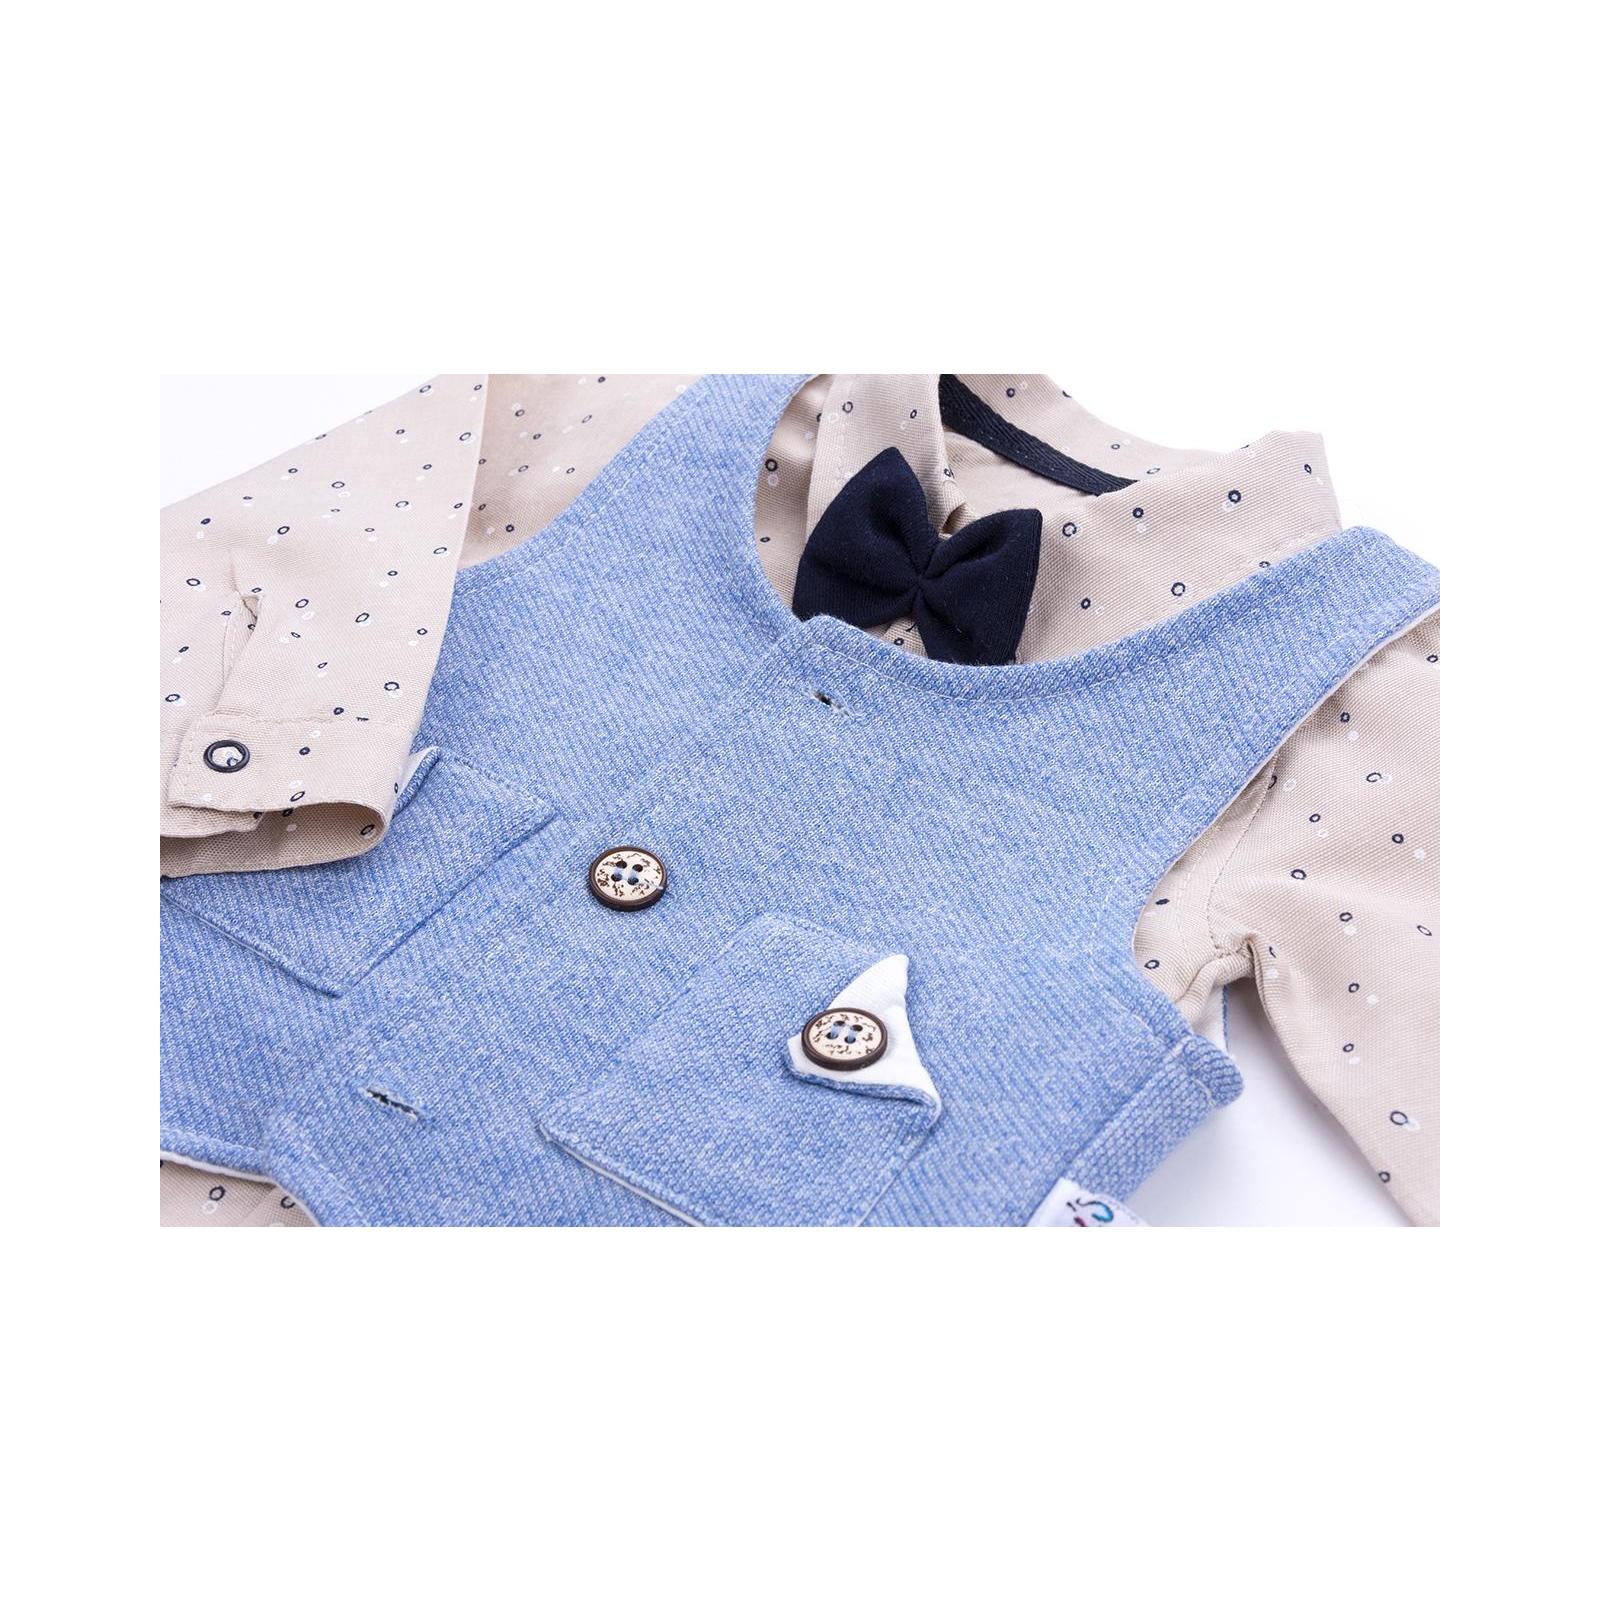 Набор детской одежды Necix's тройка с жилетом (9082-12B-blue) изображение 8